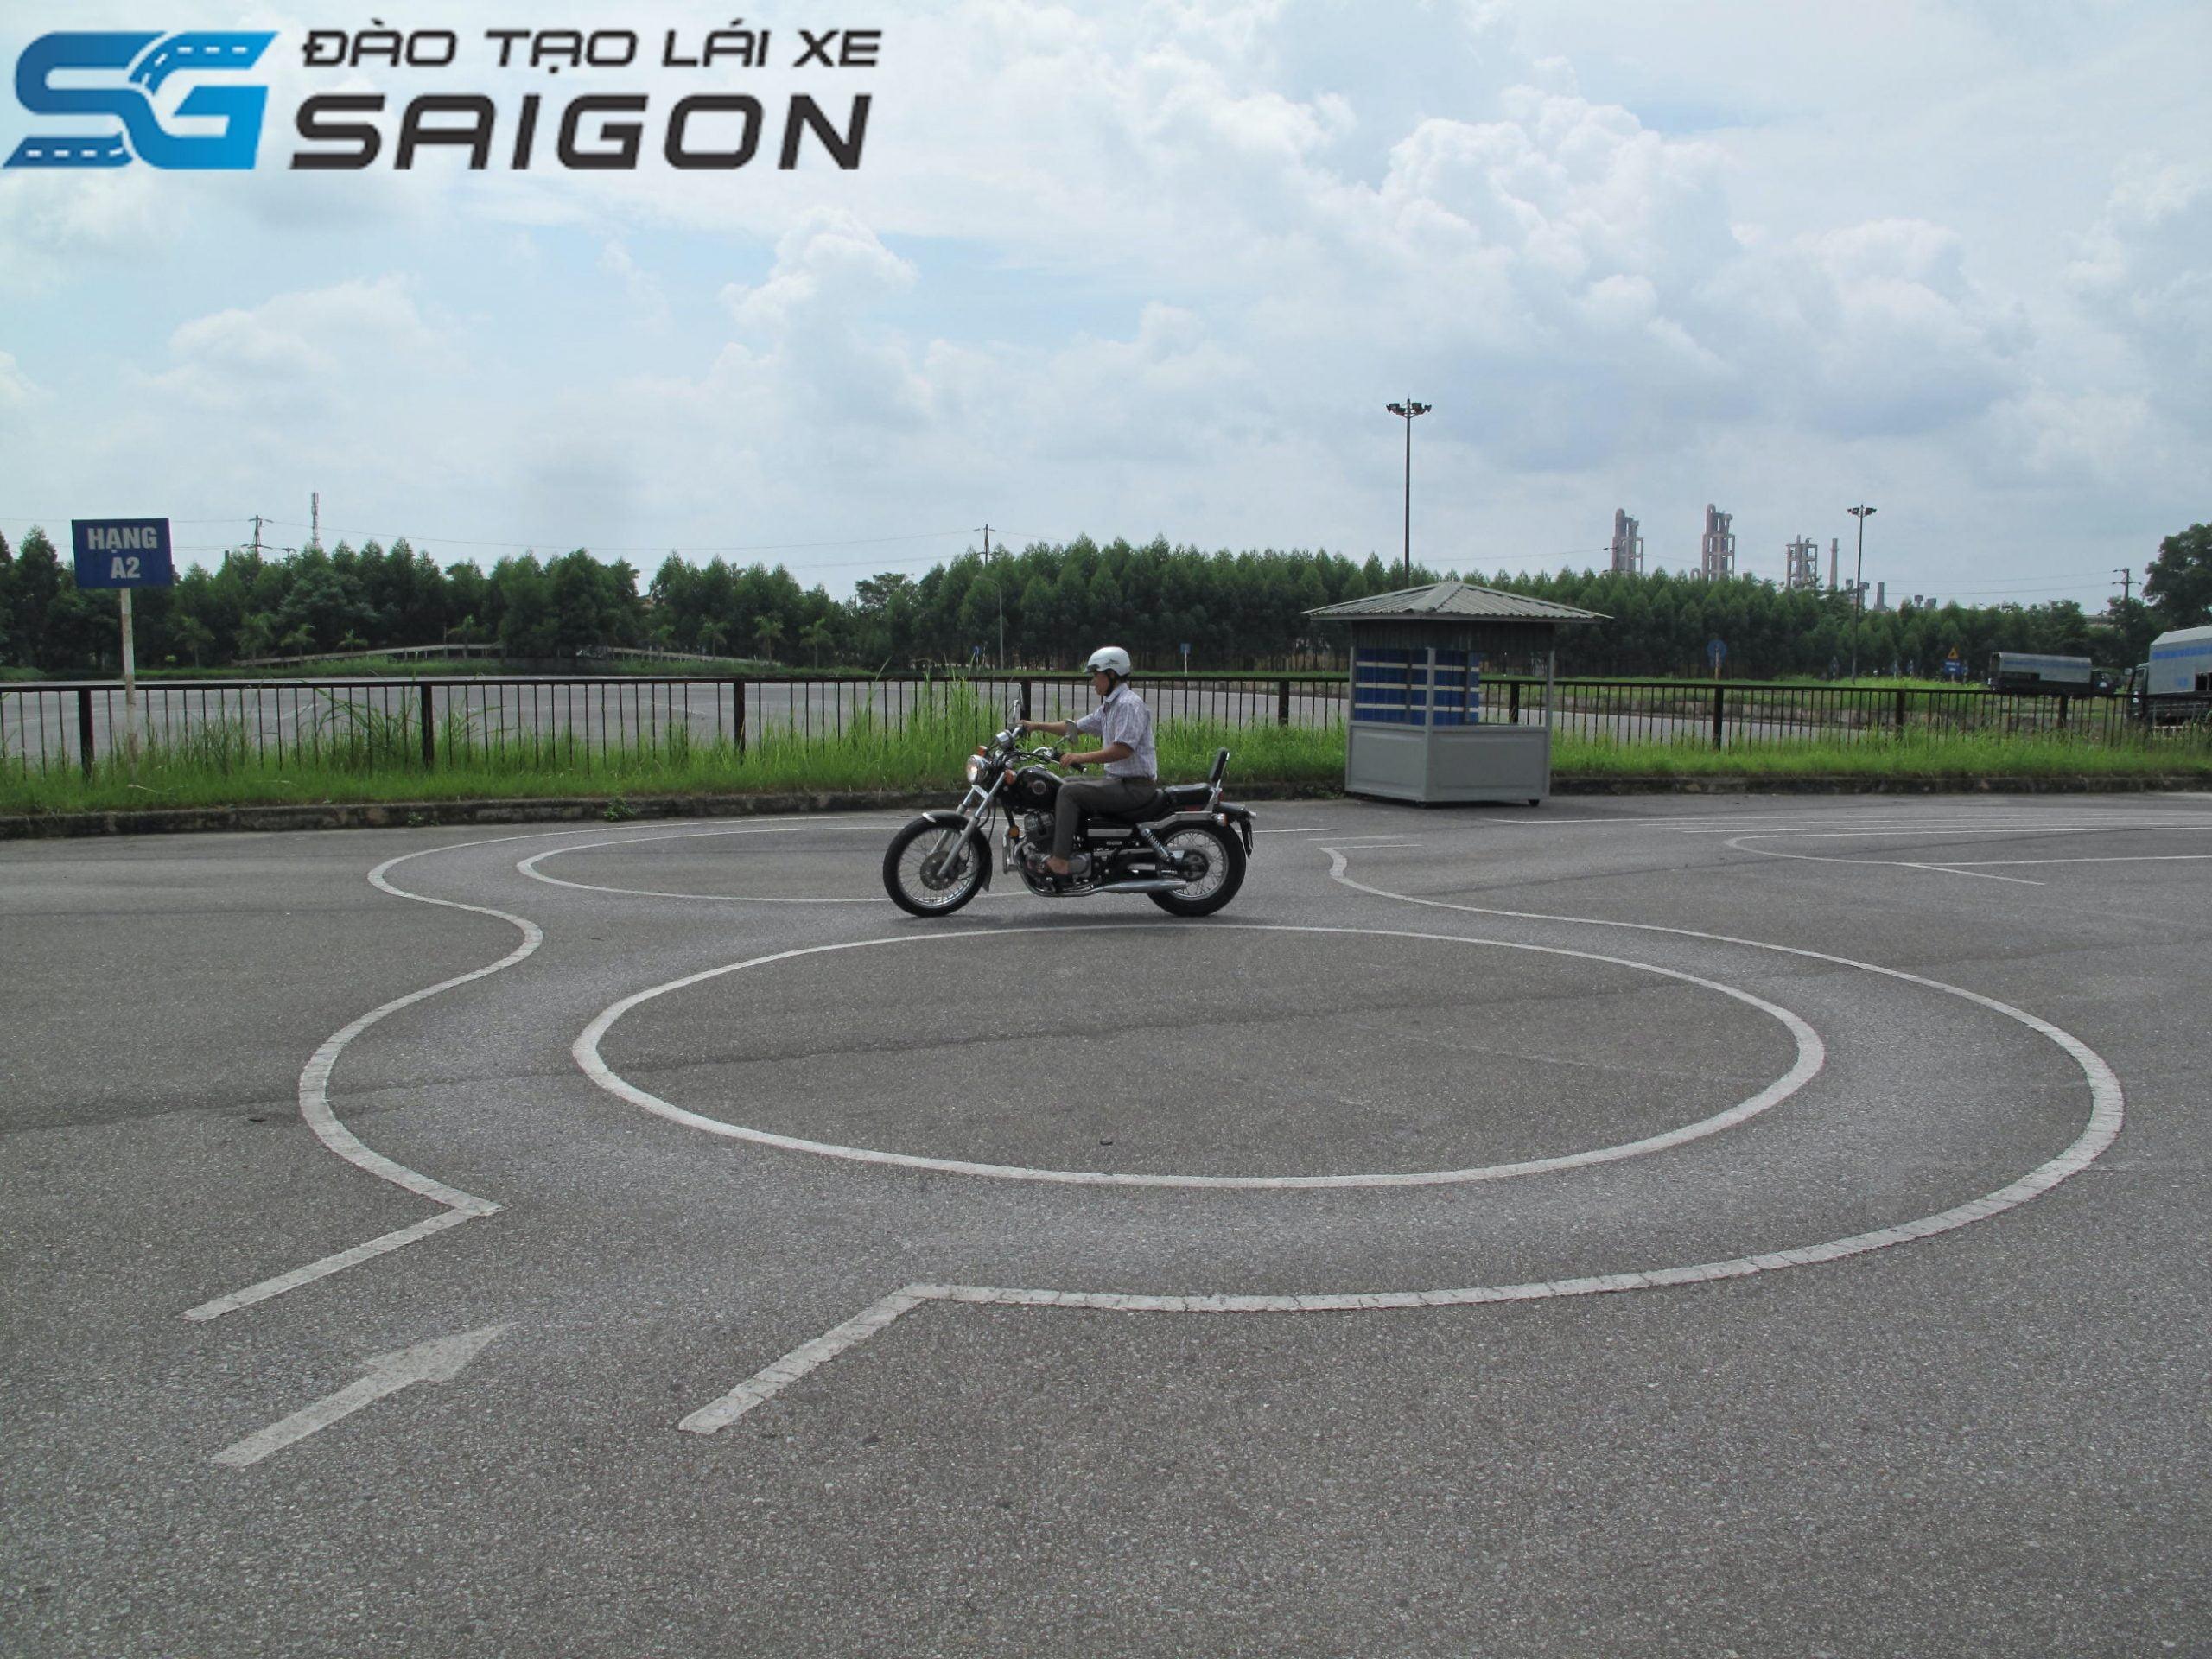 Hạng A1 cấp cho người lái mô tô hai bánh. Với dung tích xy lanh từ 50 cm3 đến 125 cm3